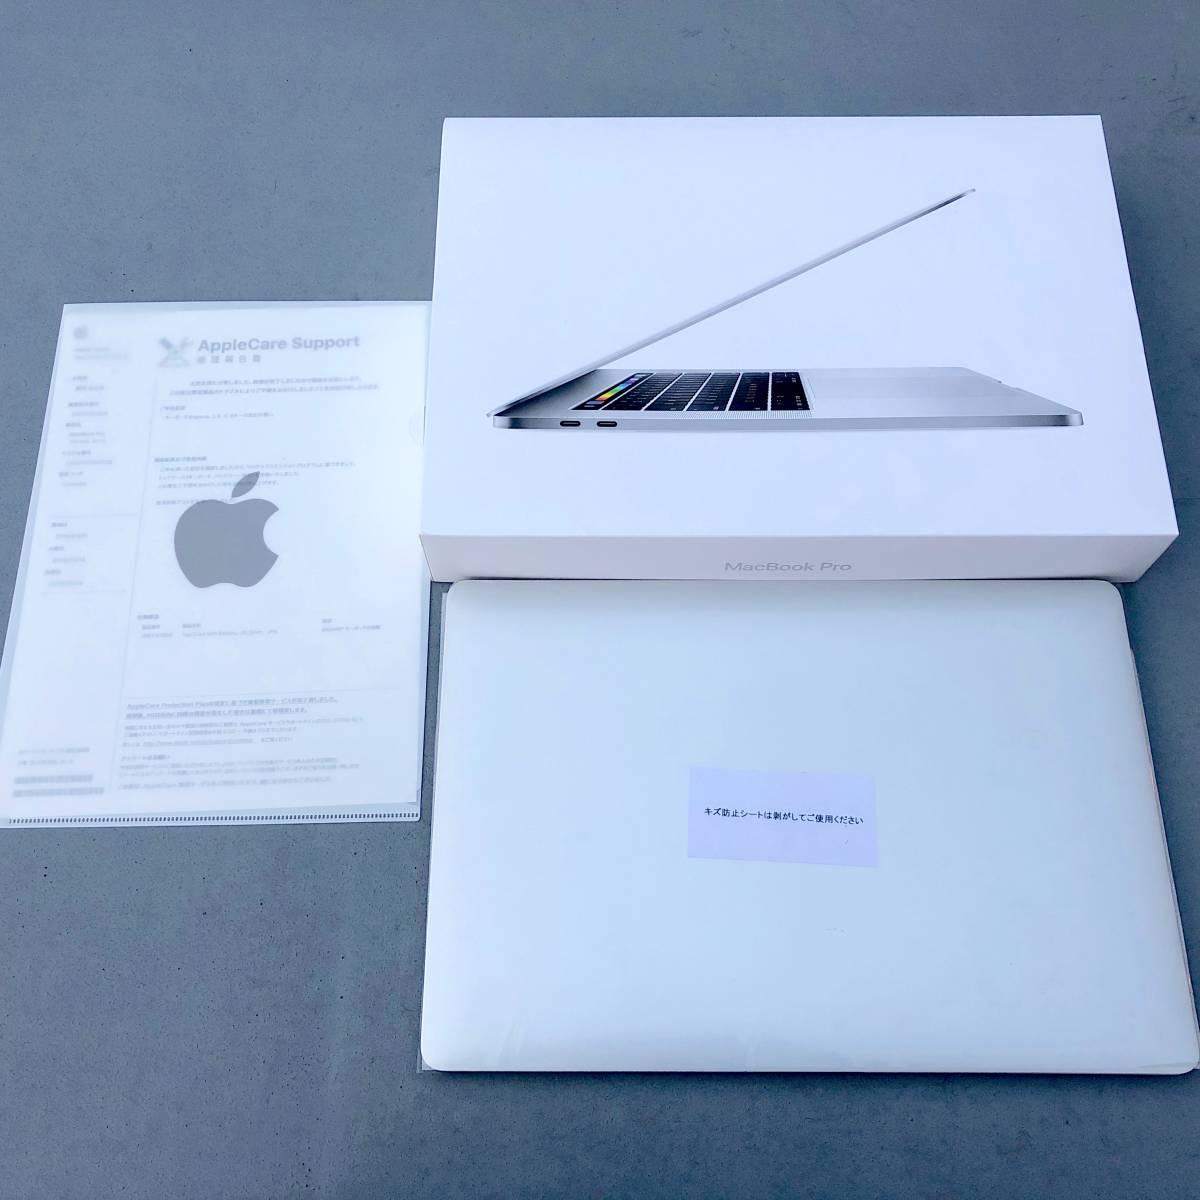 3/14バッテリー交換済 修理後未使用 MacBook Pro Retina 15 2.9GHzクアッドコア SSD512GB